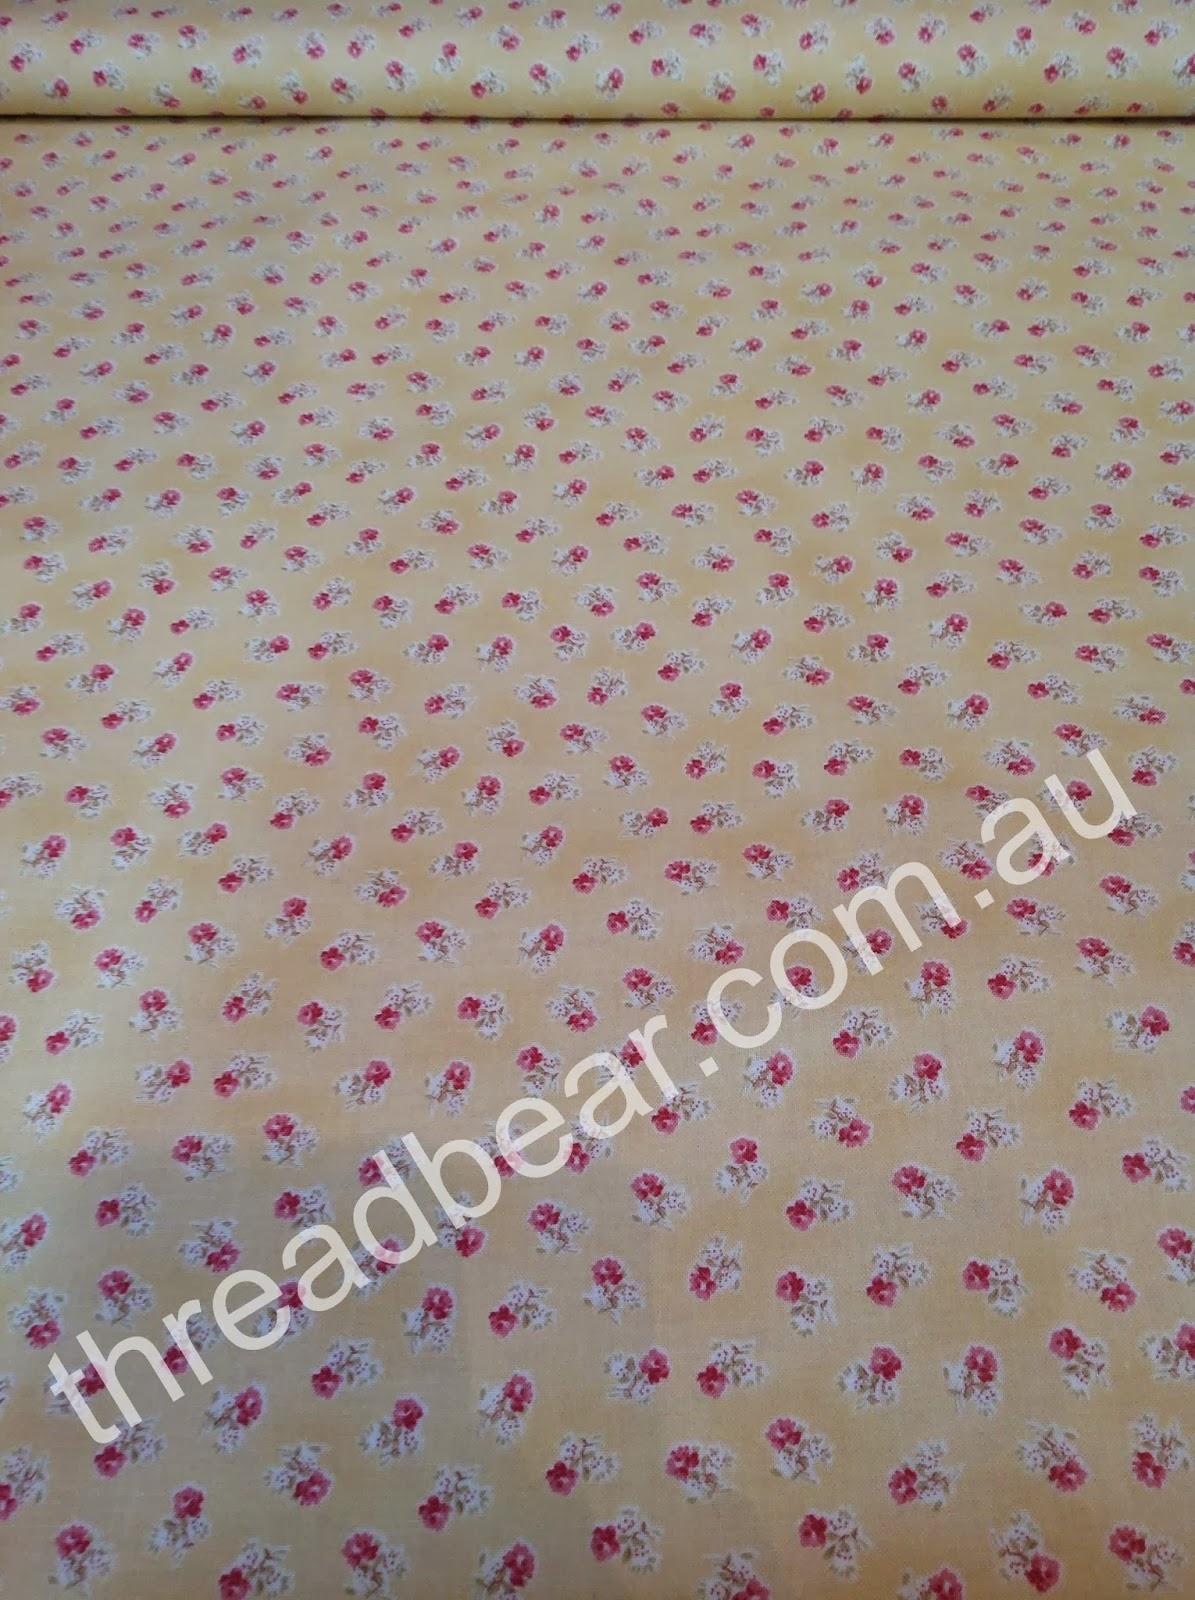 Threadbear Soft Pretty Fabric For A Hot Hot Day